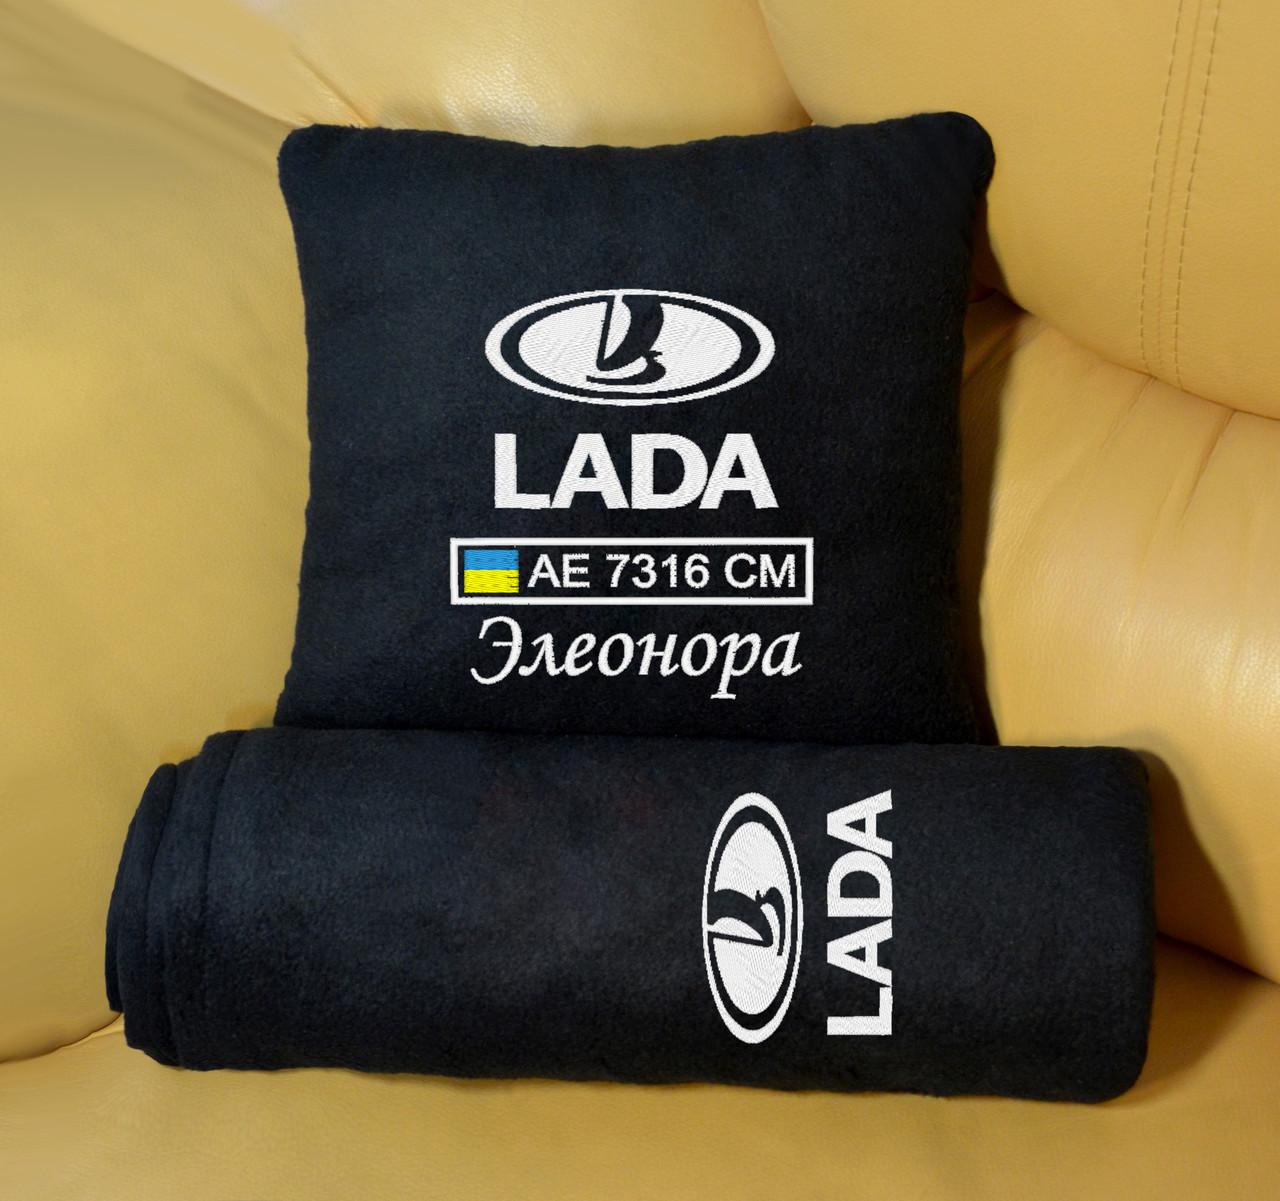 Автомобільний плед + подушка з вишивкою держ. номера та імені власника